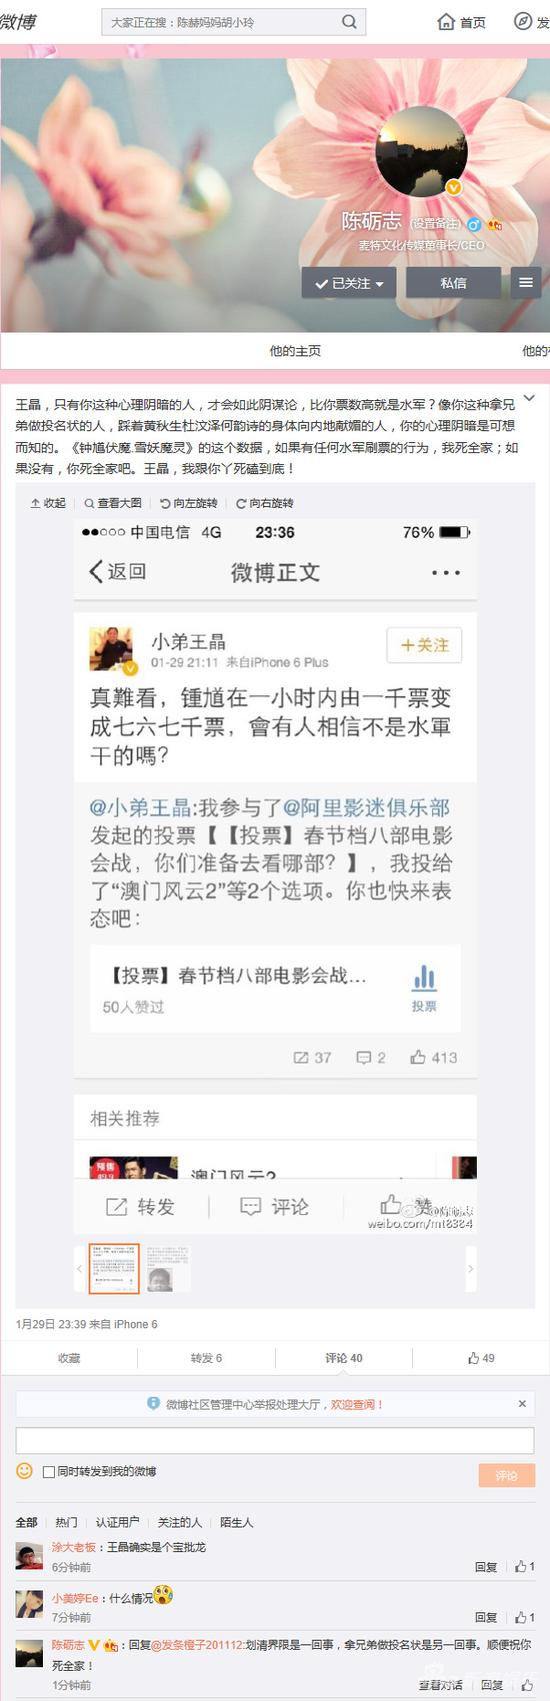 陈砺志微博截图